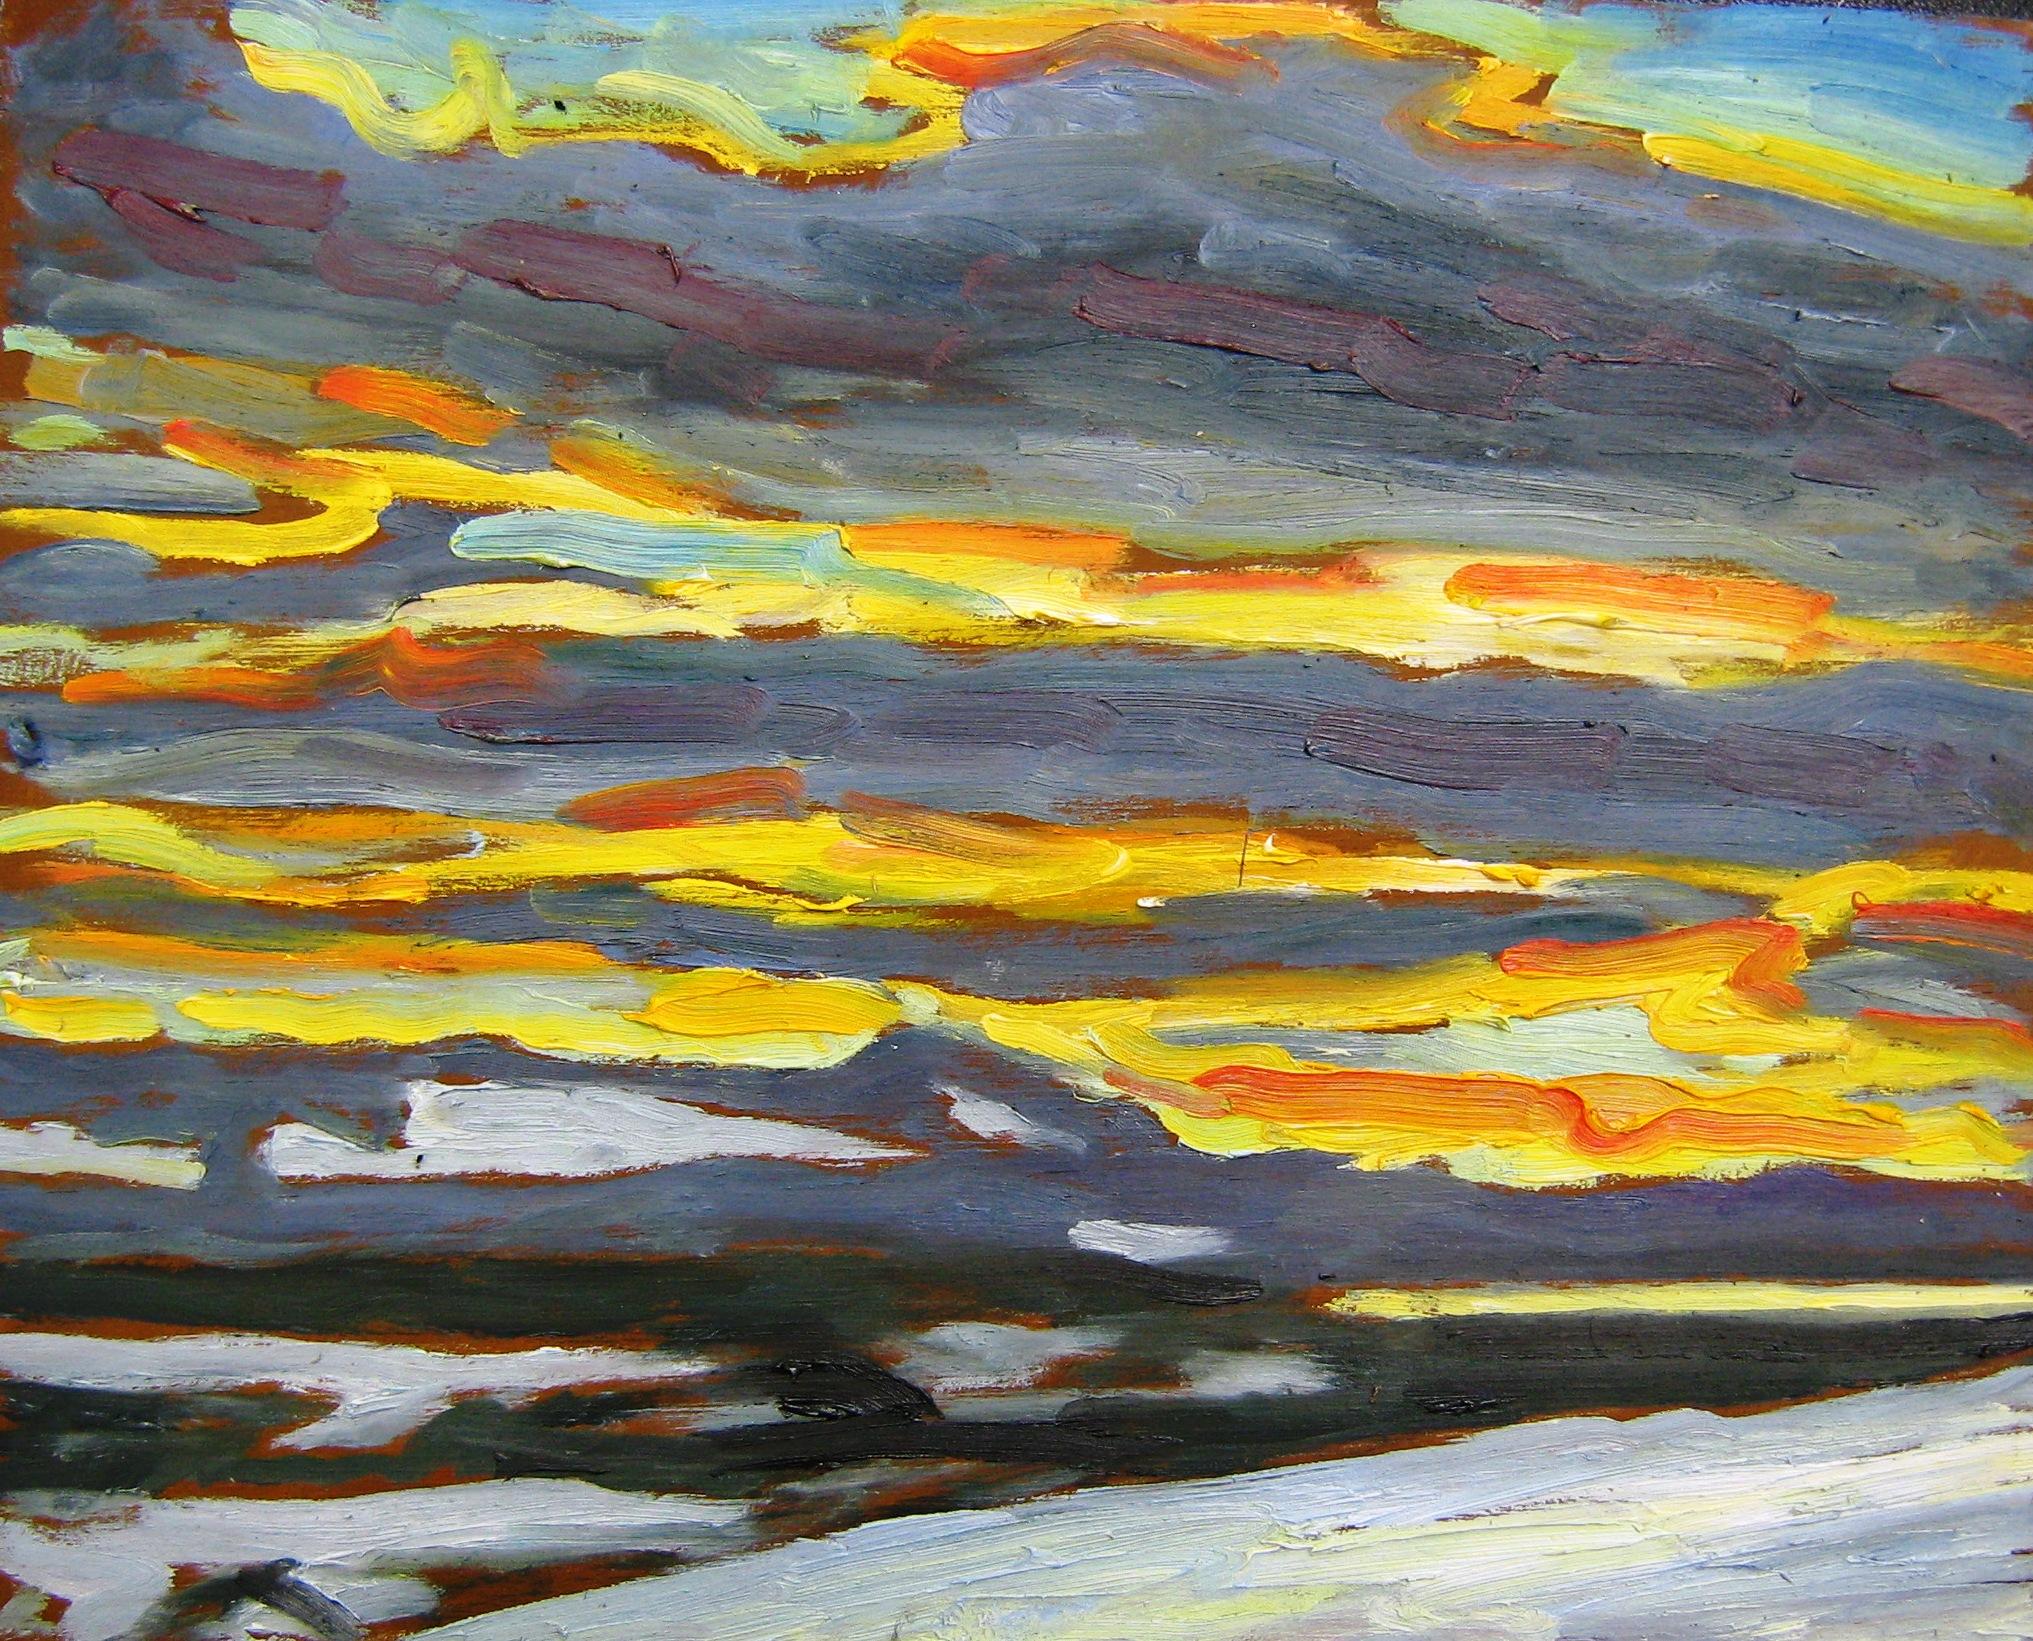 Sunset, Ft. St. James, 2013